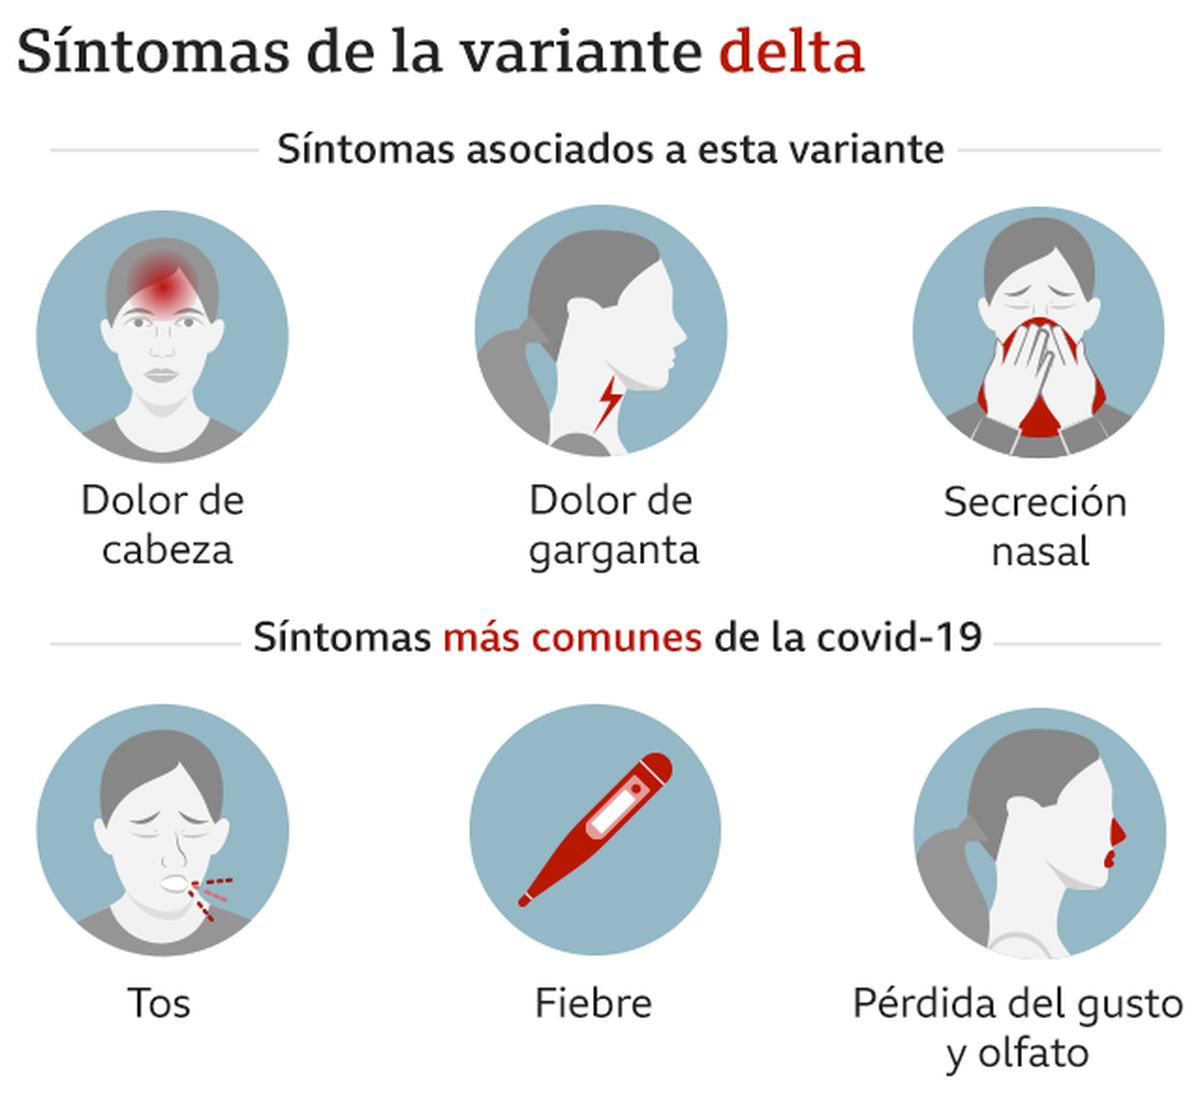 Síntomas predominantes de la variante Delta